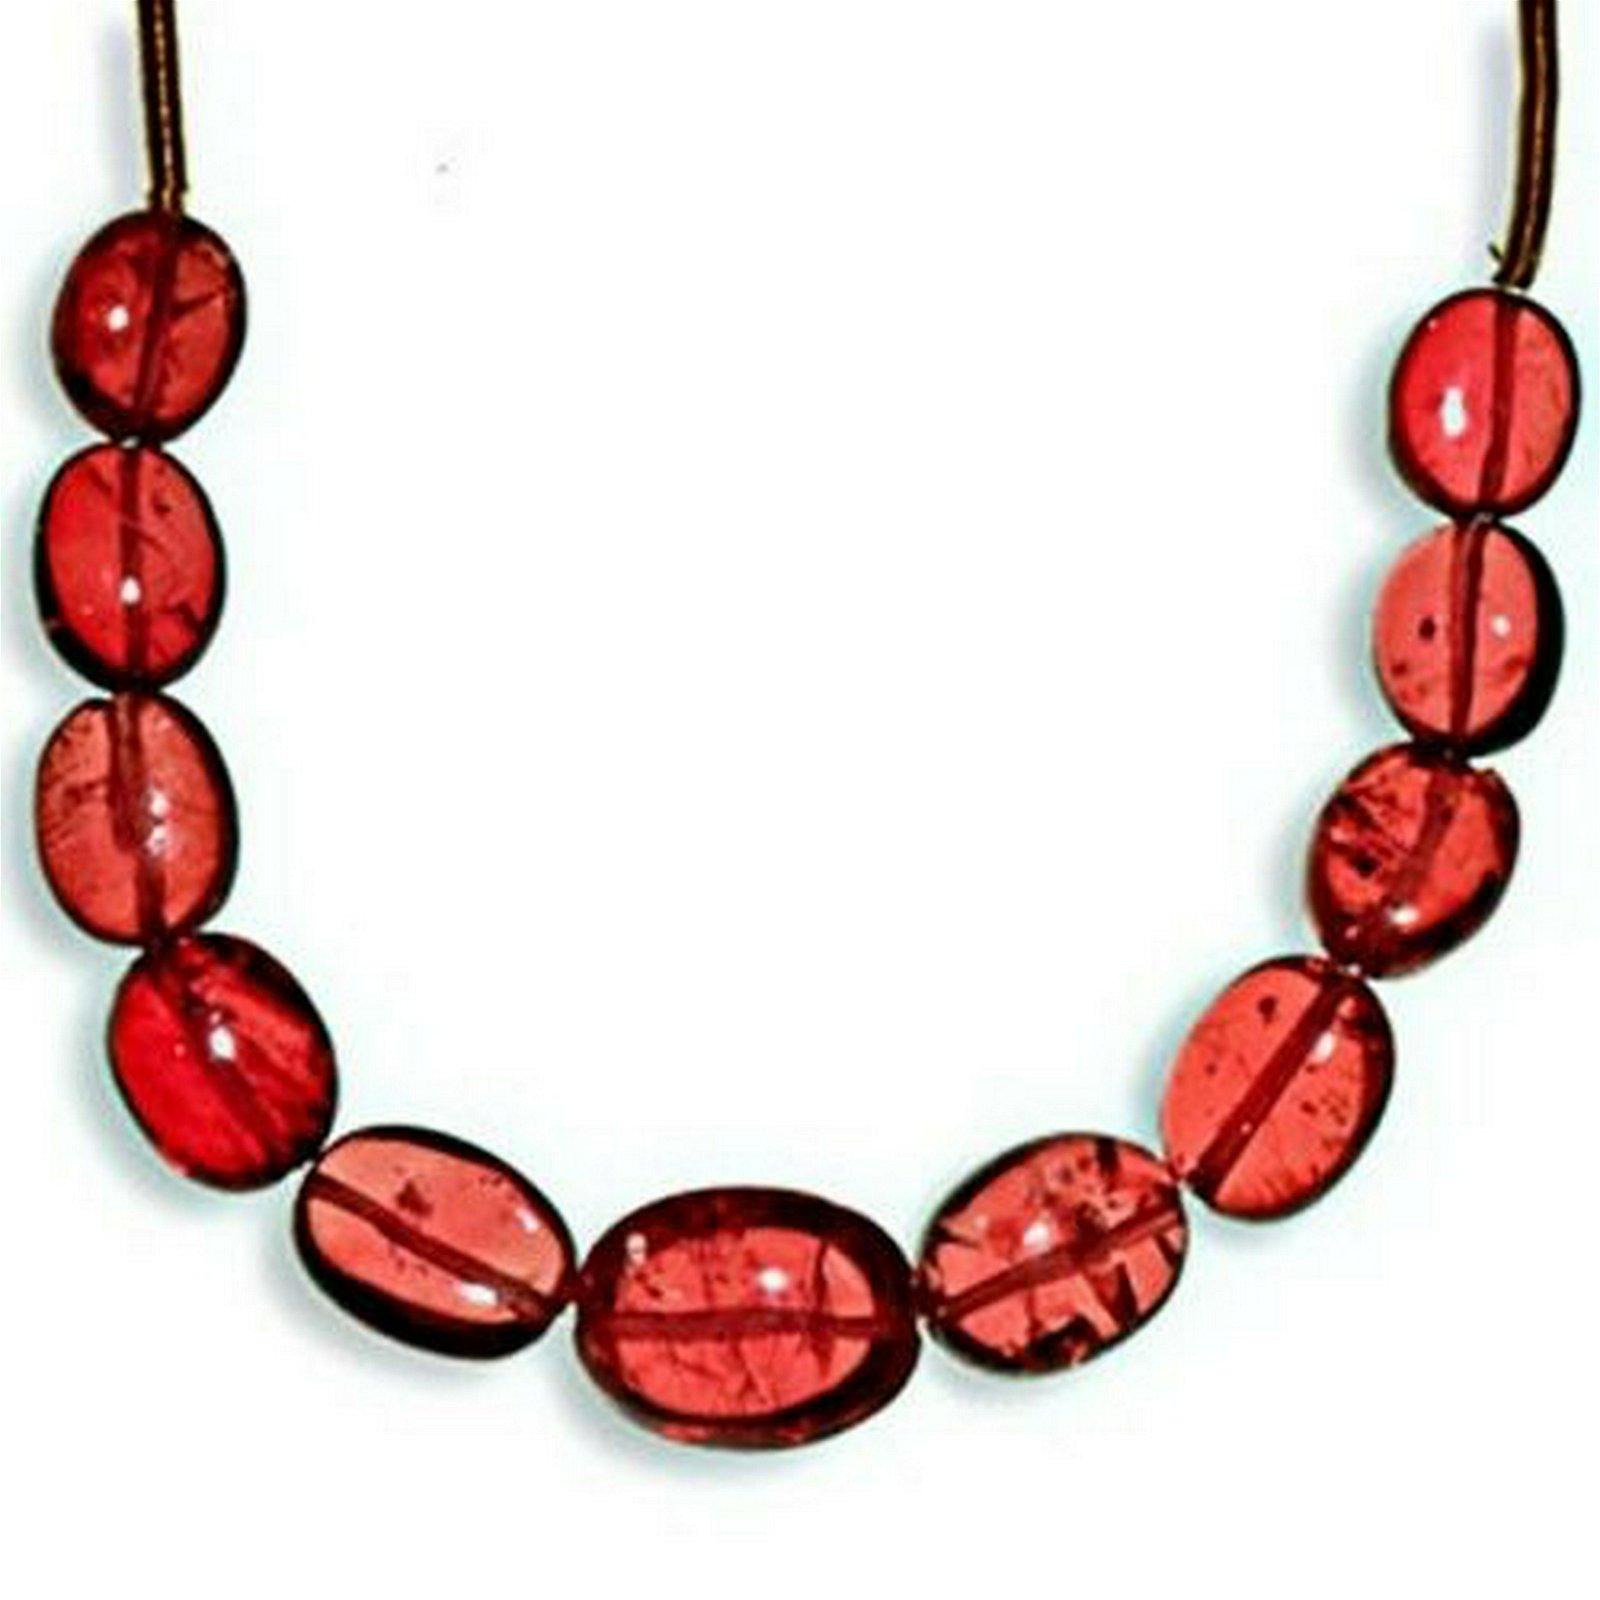 15.78-Carat 11-pc Strand of Deep Pinkish Red Mogok